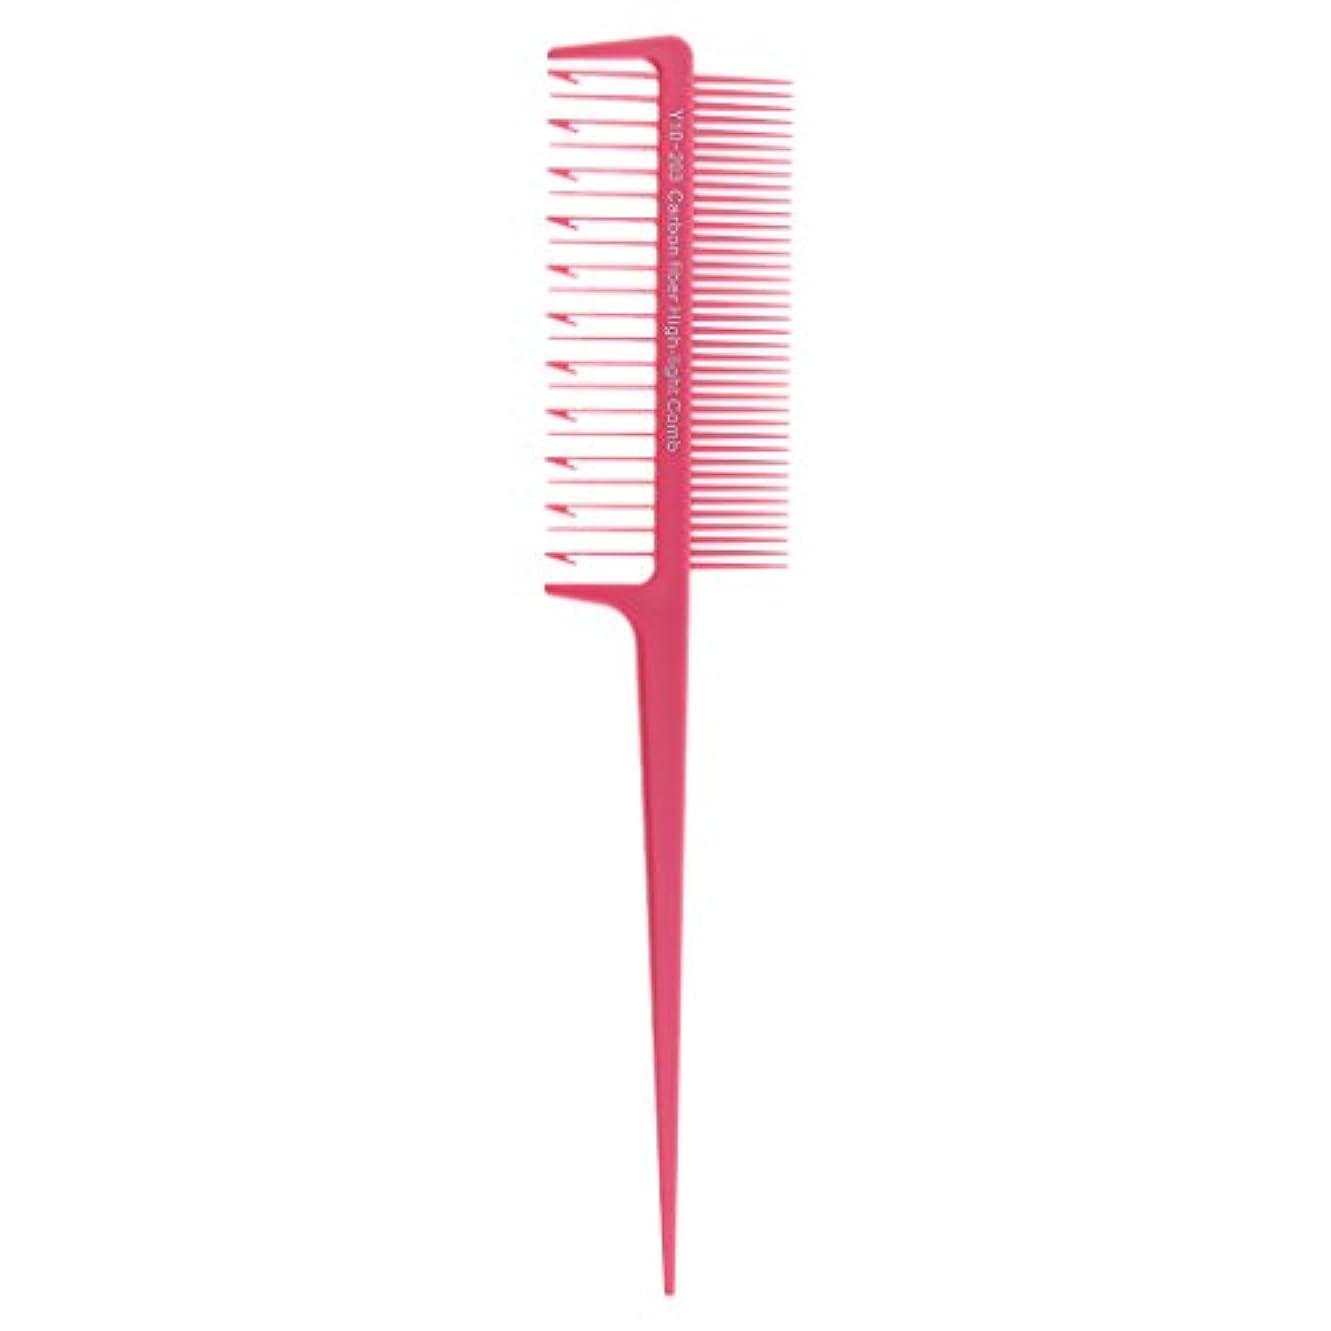 論理的に掘るゴムCUTICATE 全4色 くし ハイライトコーム 染色櫛 染色コーム ヘアカラー 大人気 - ピンク